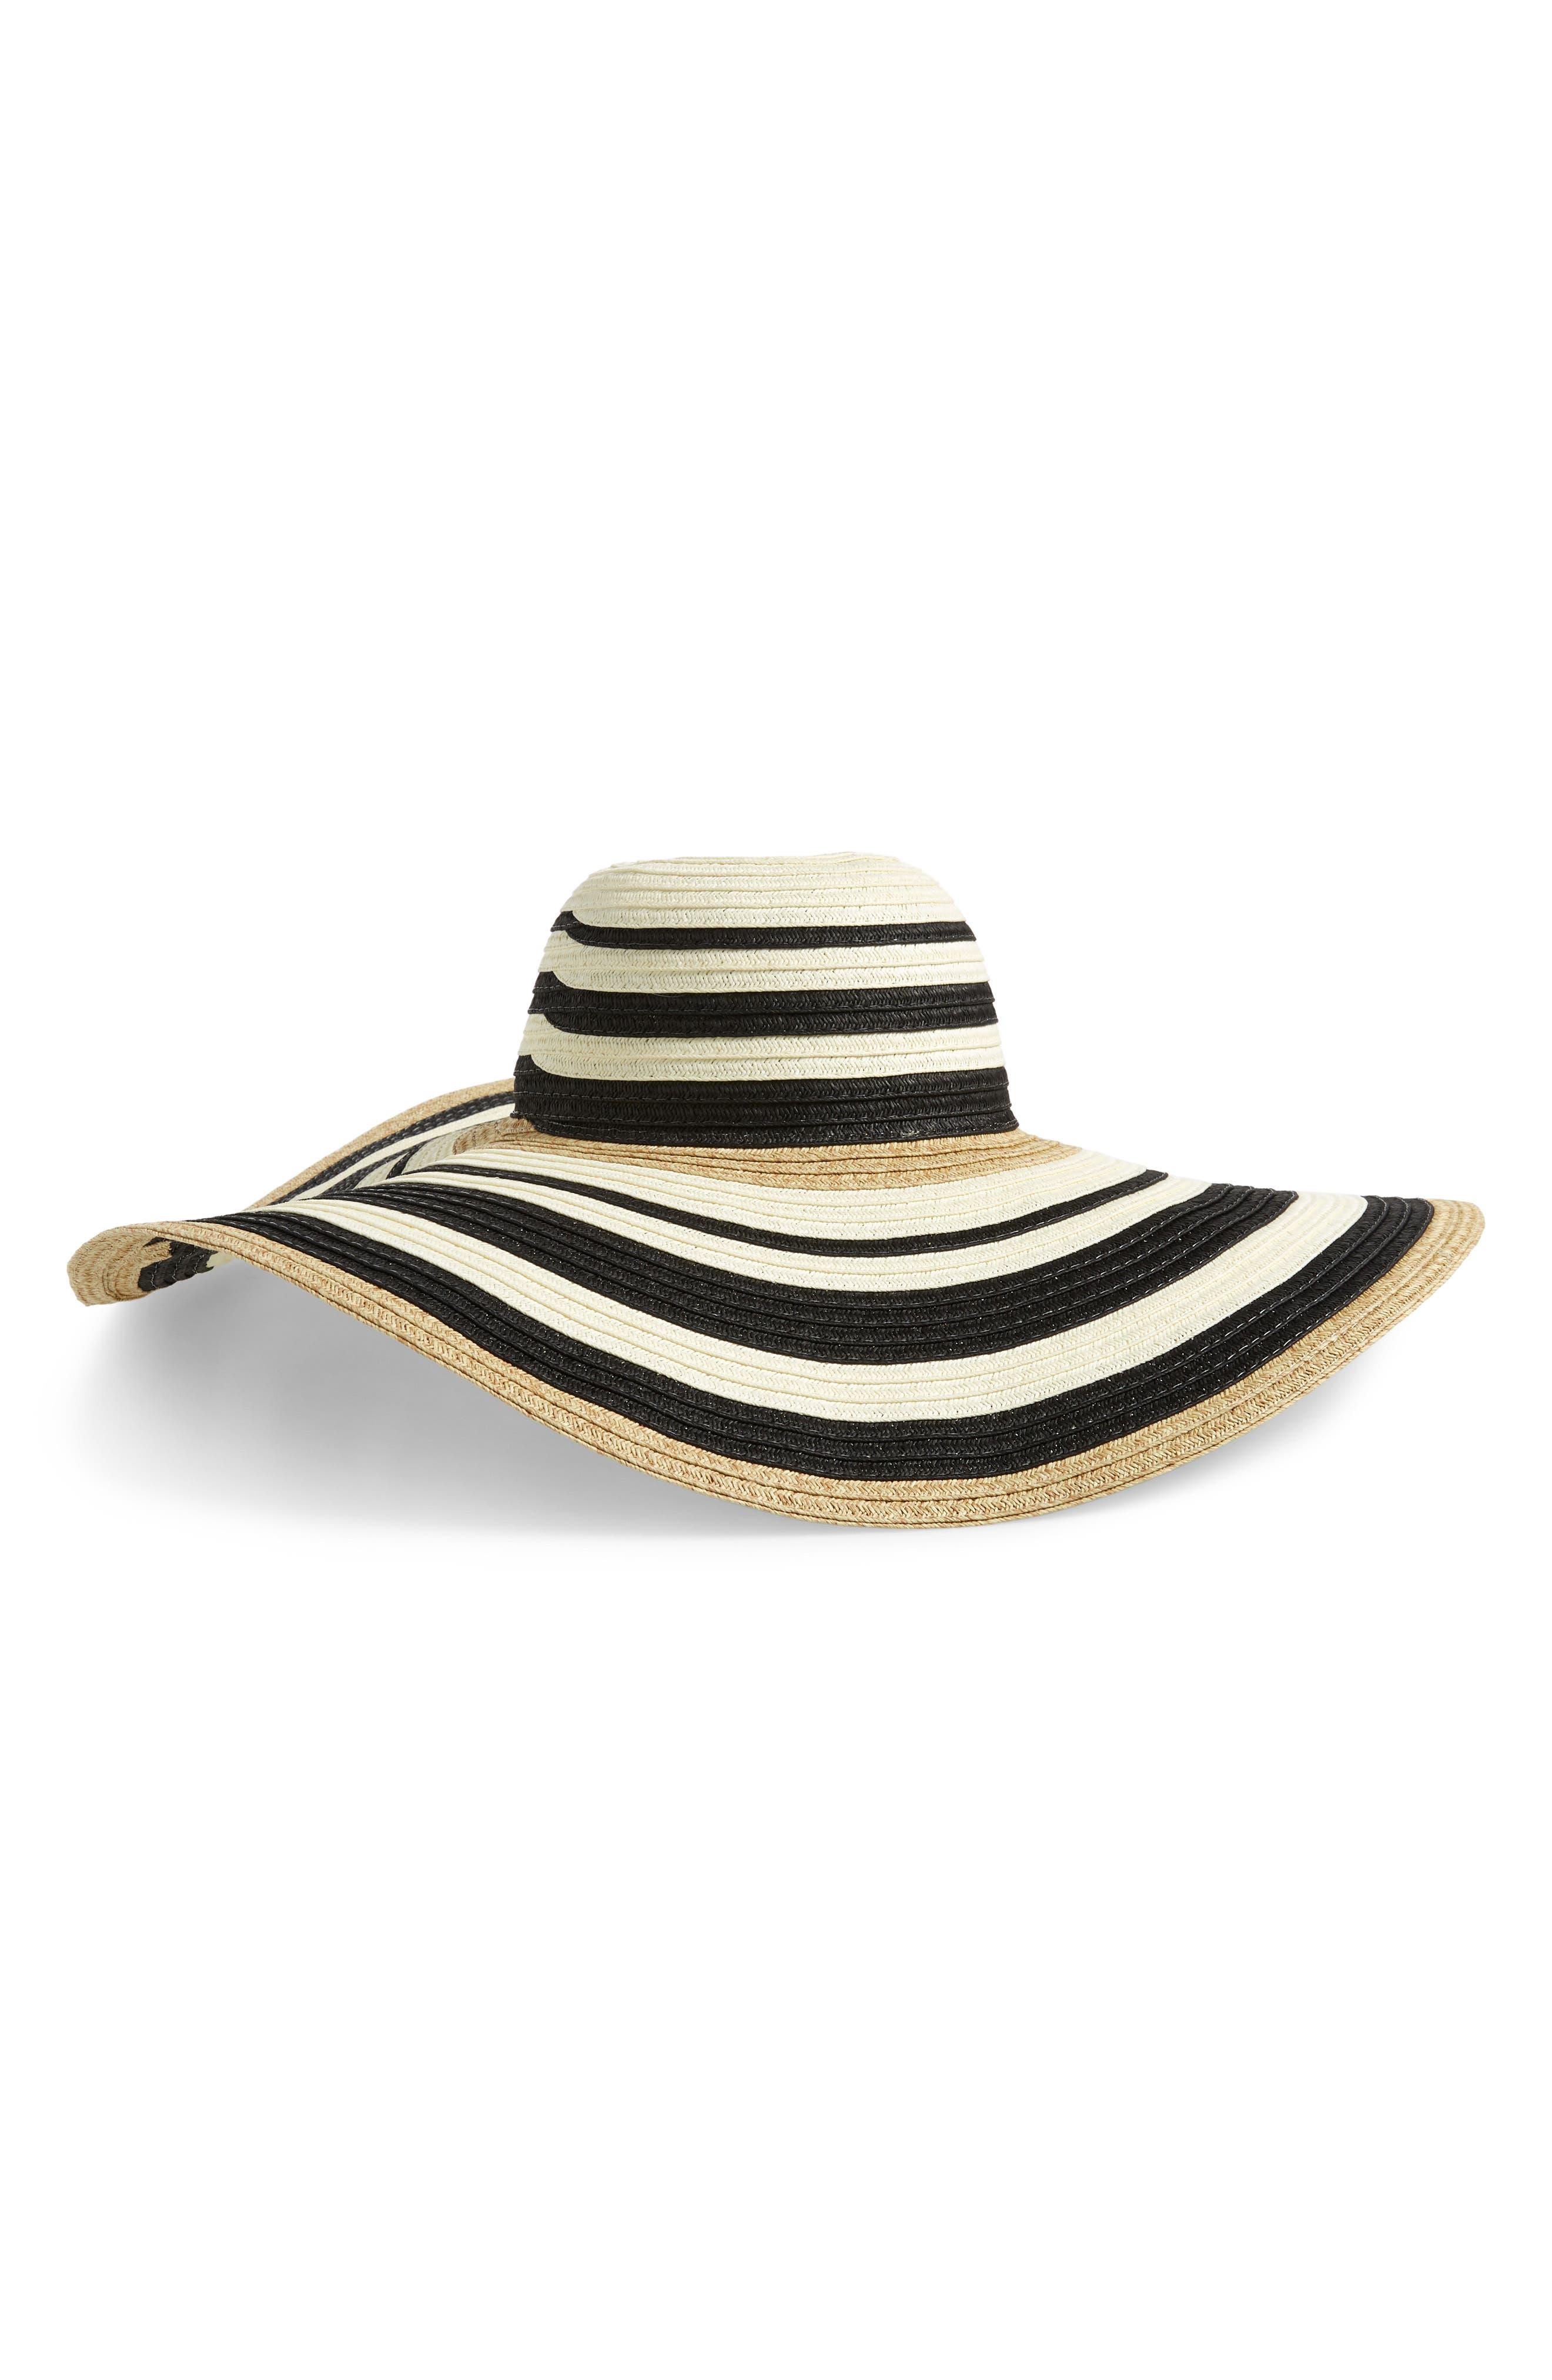 209583de64d30 Women s Hats New Arrivals  Clothing